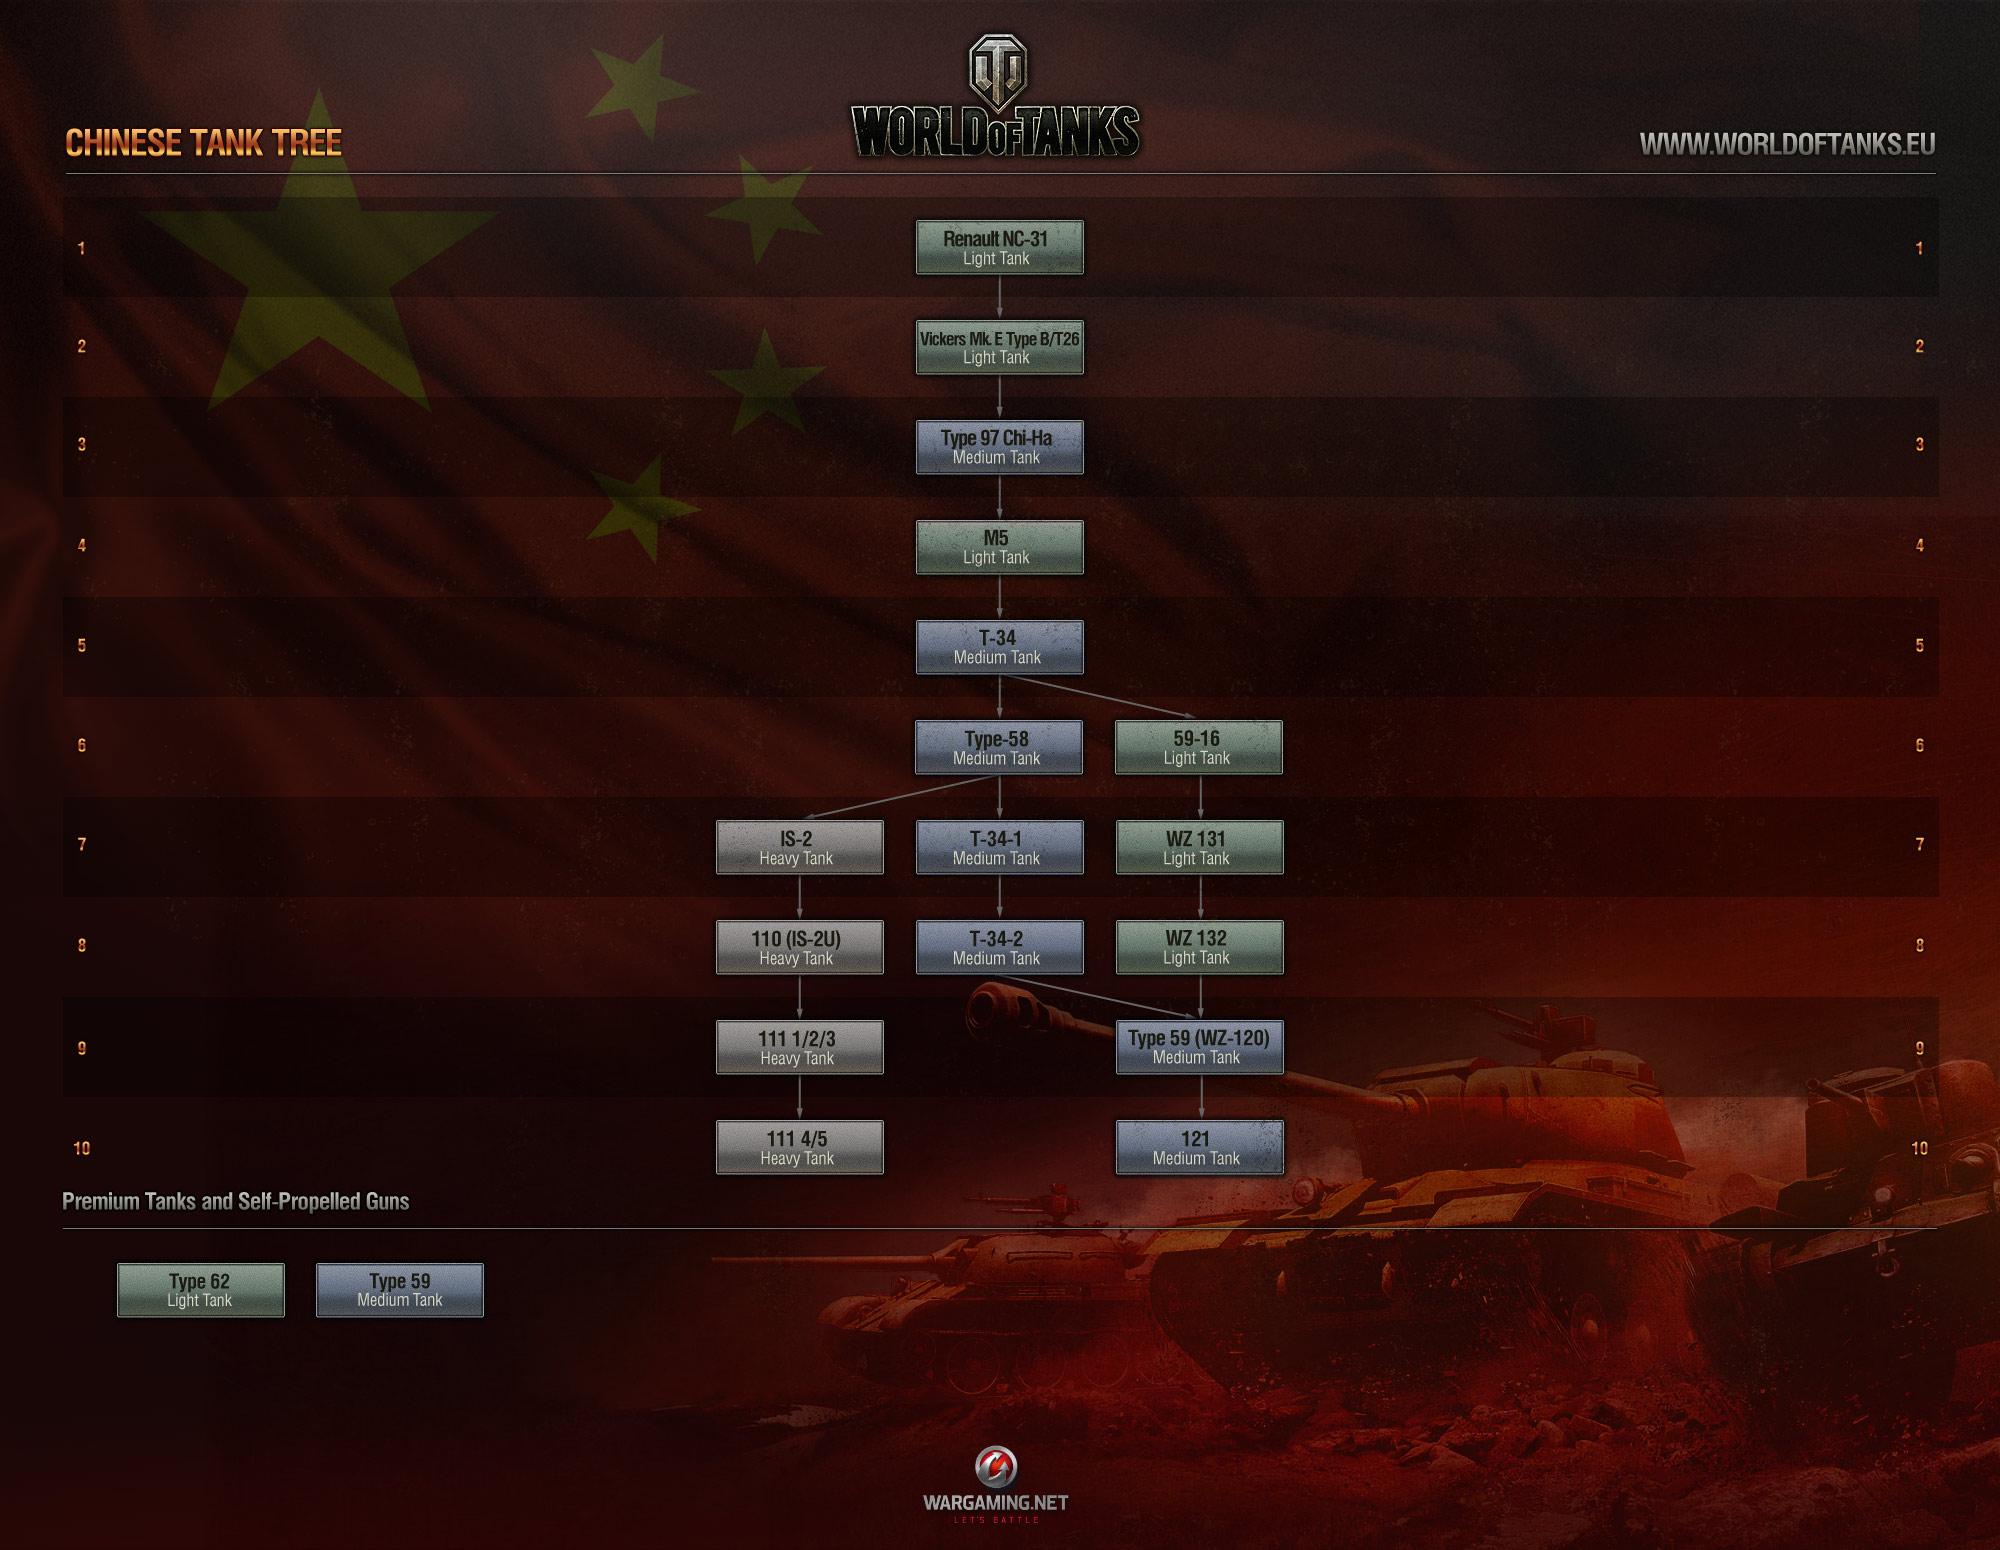 Nueva Version 8.2 en desarollo Wot_chinese_release_tree_eu